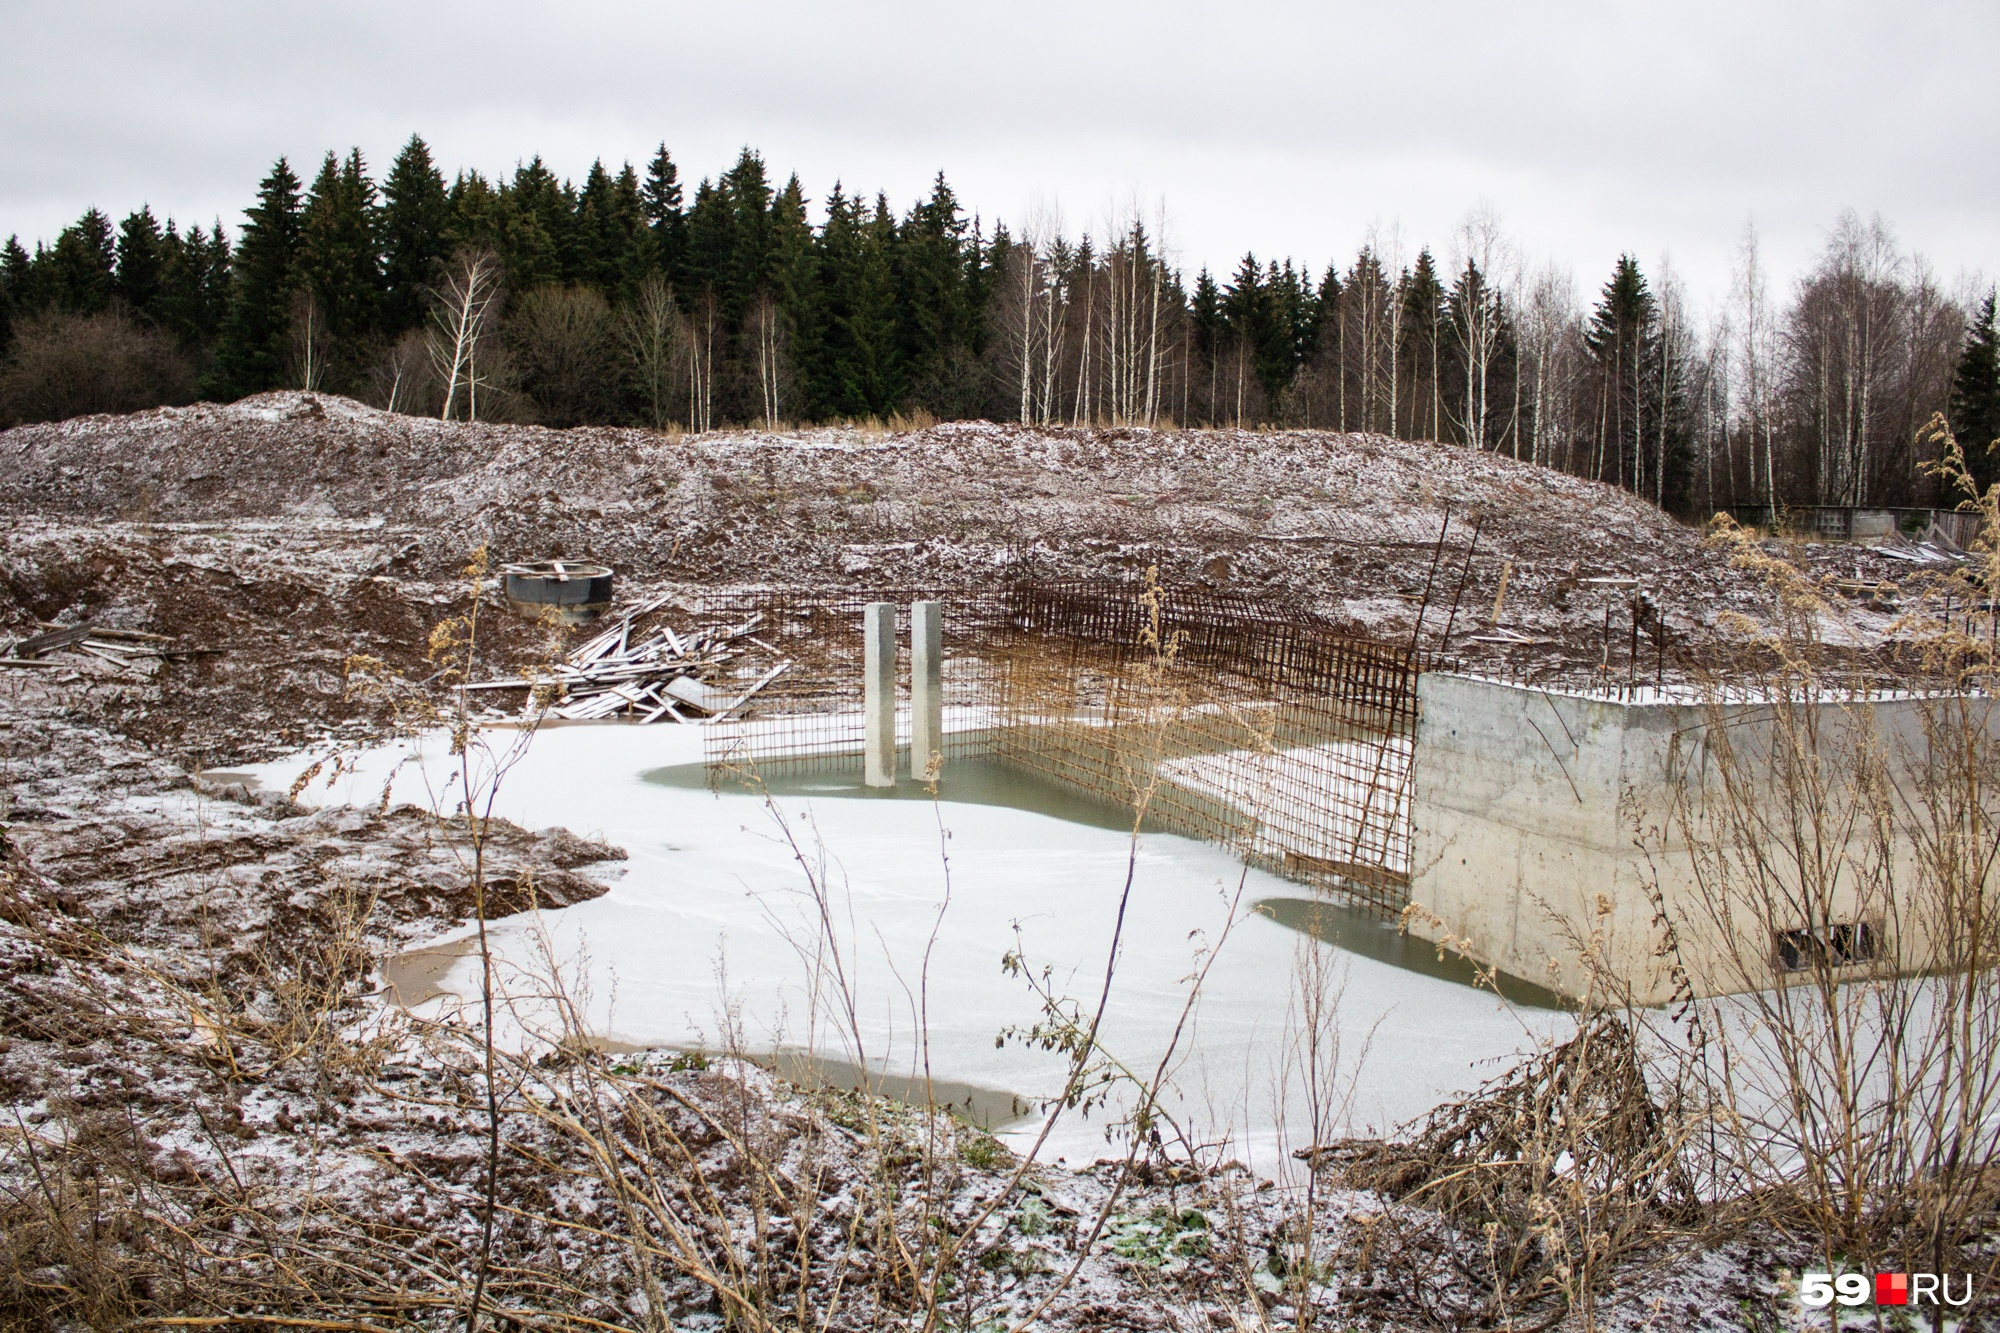 Тут за год изменилось одно — исчез механизм, стоявший посреди водоема